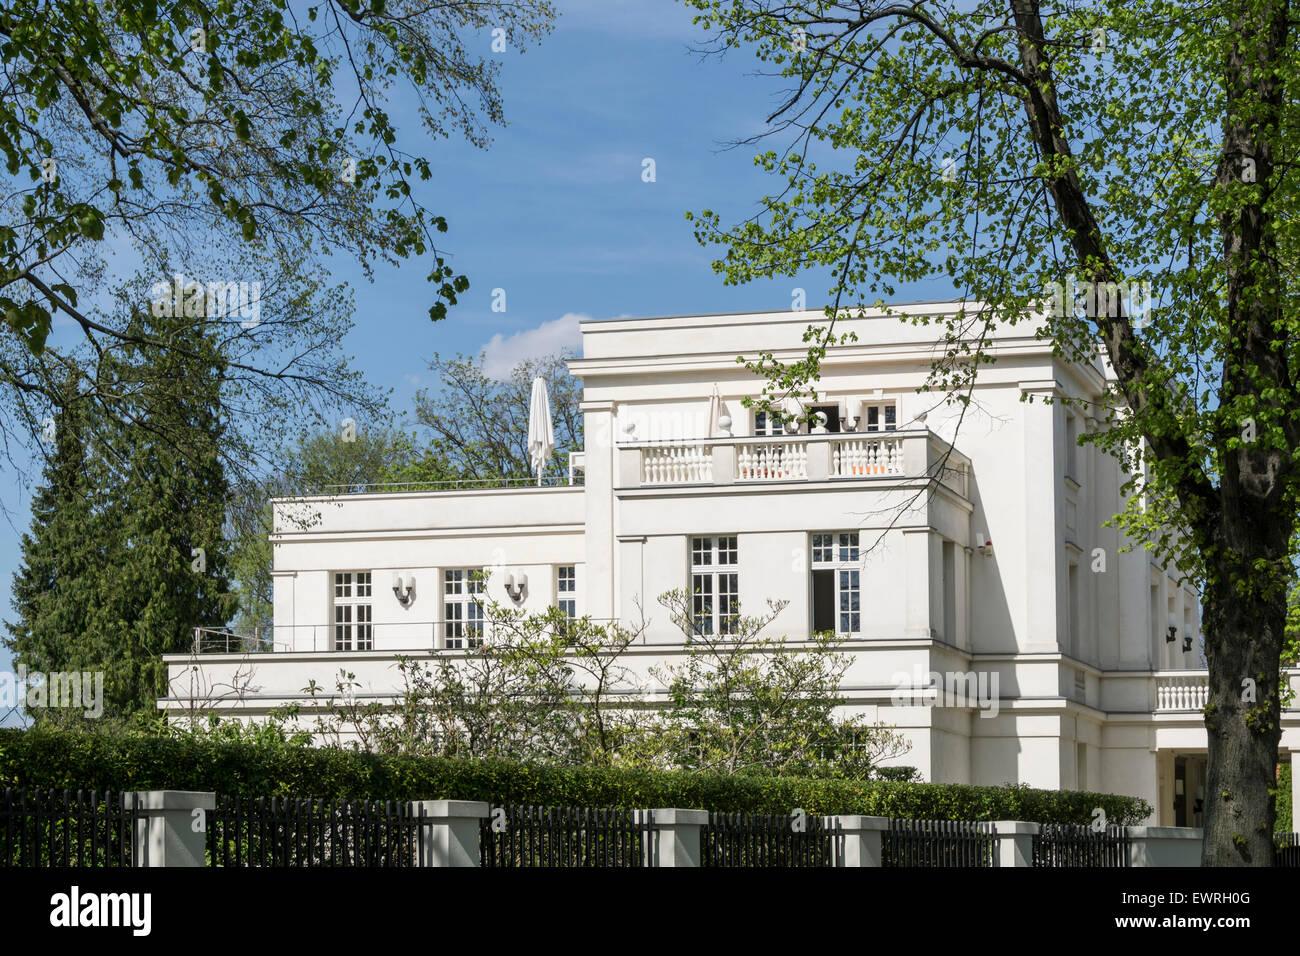 villa wunderkind heiliger see potsdam brandenburg stock. Black Bedroom Furniture Sets. Home Design Ideas